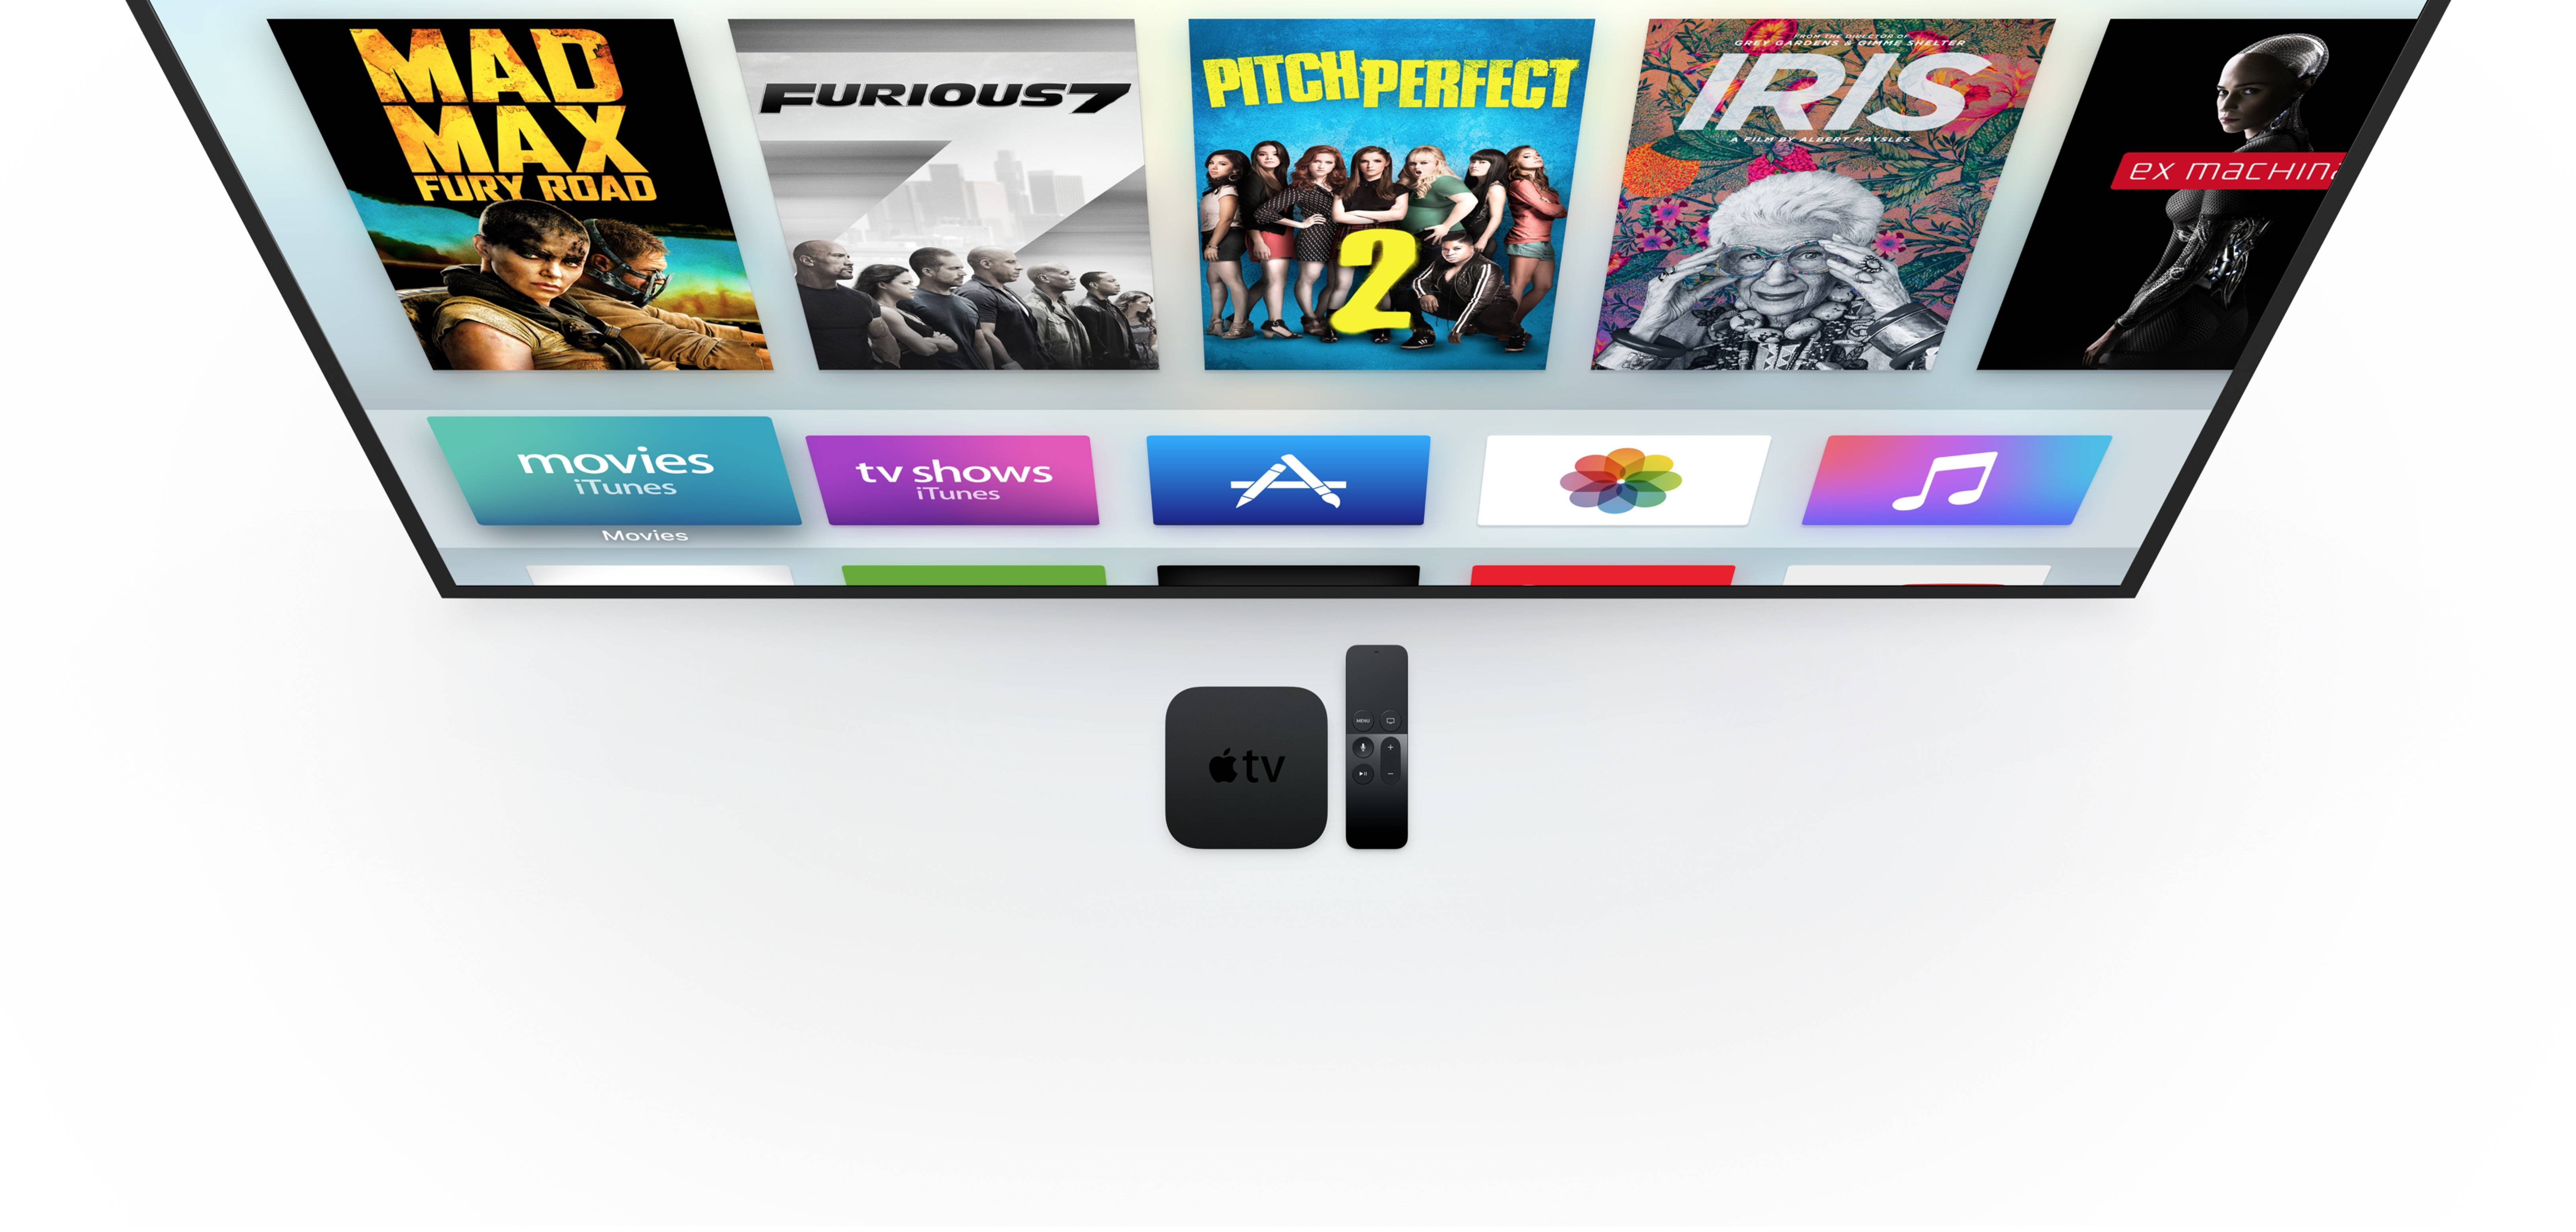 运行在 tvOS 上的 Apple TV,不需要 web 内容。